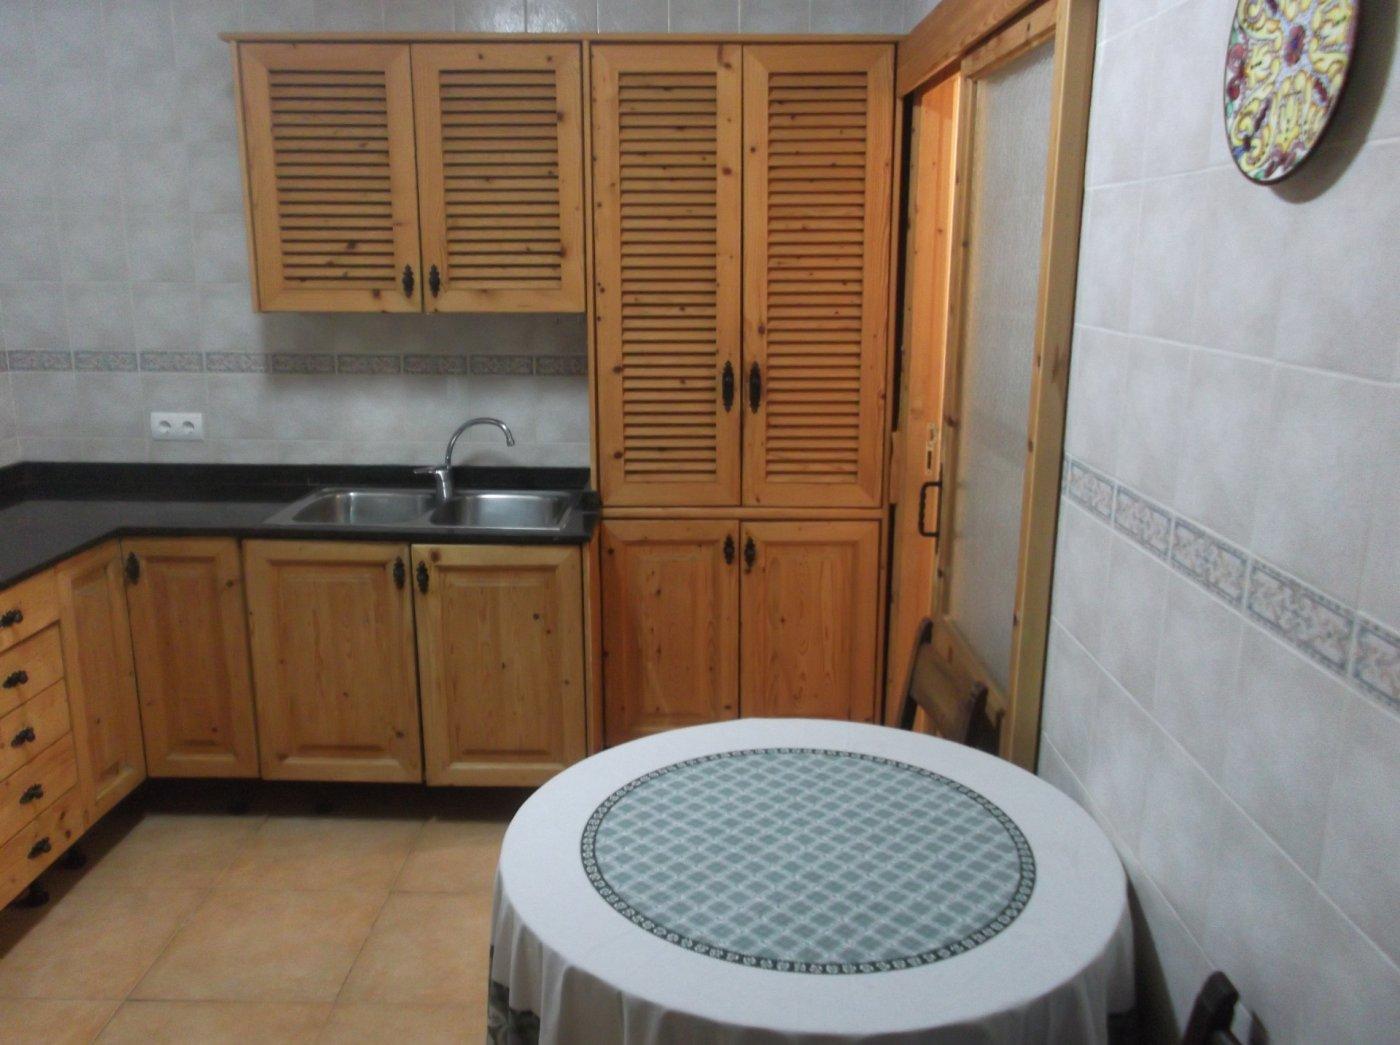 En venta casa de pueblo reformada 3 alturas estilo mallorquin centro llucmajor - imagenInmueble35